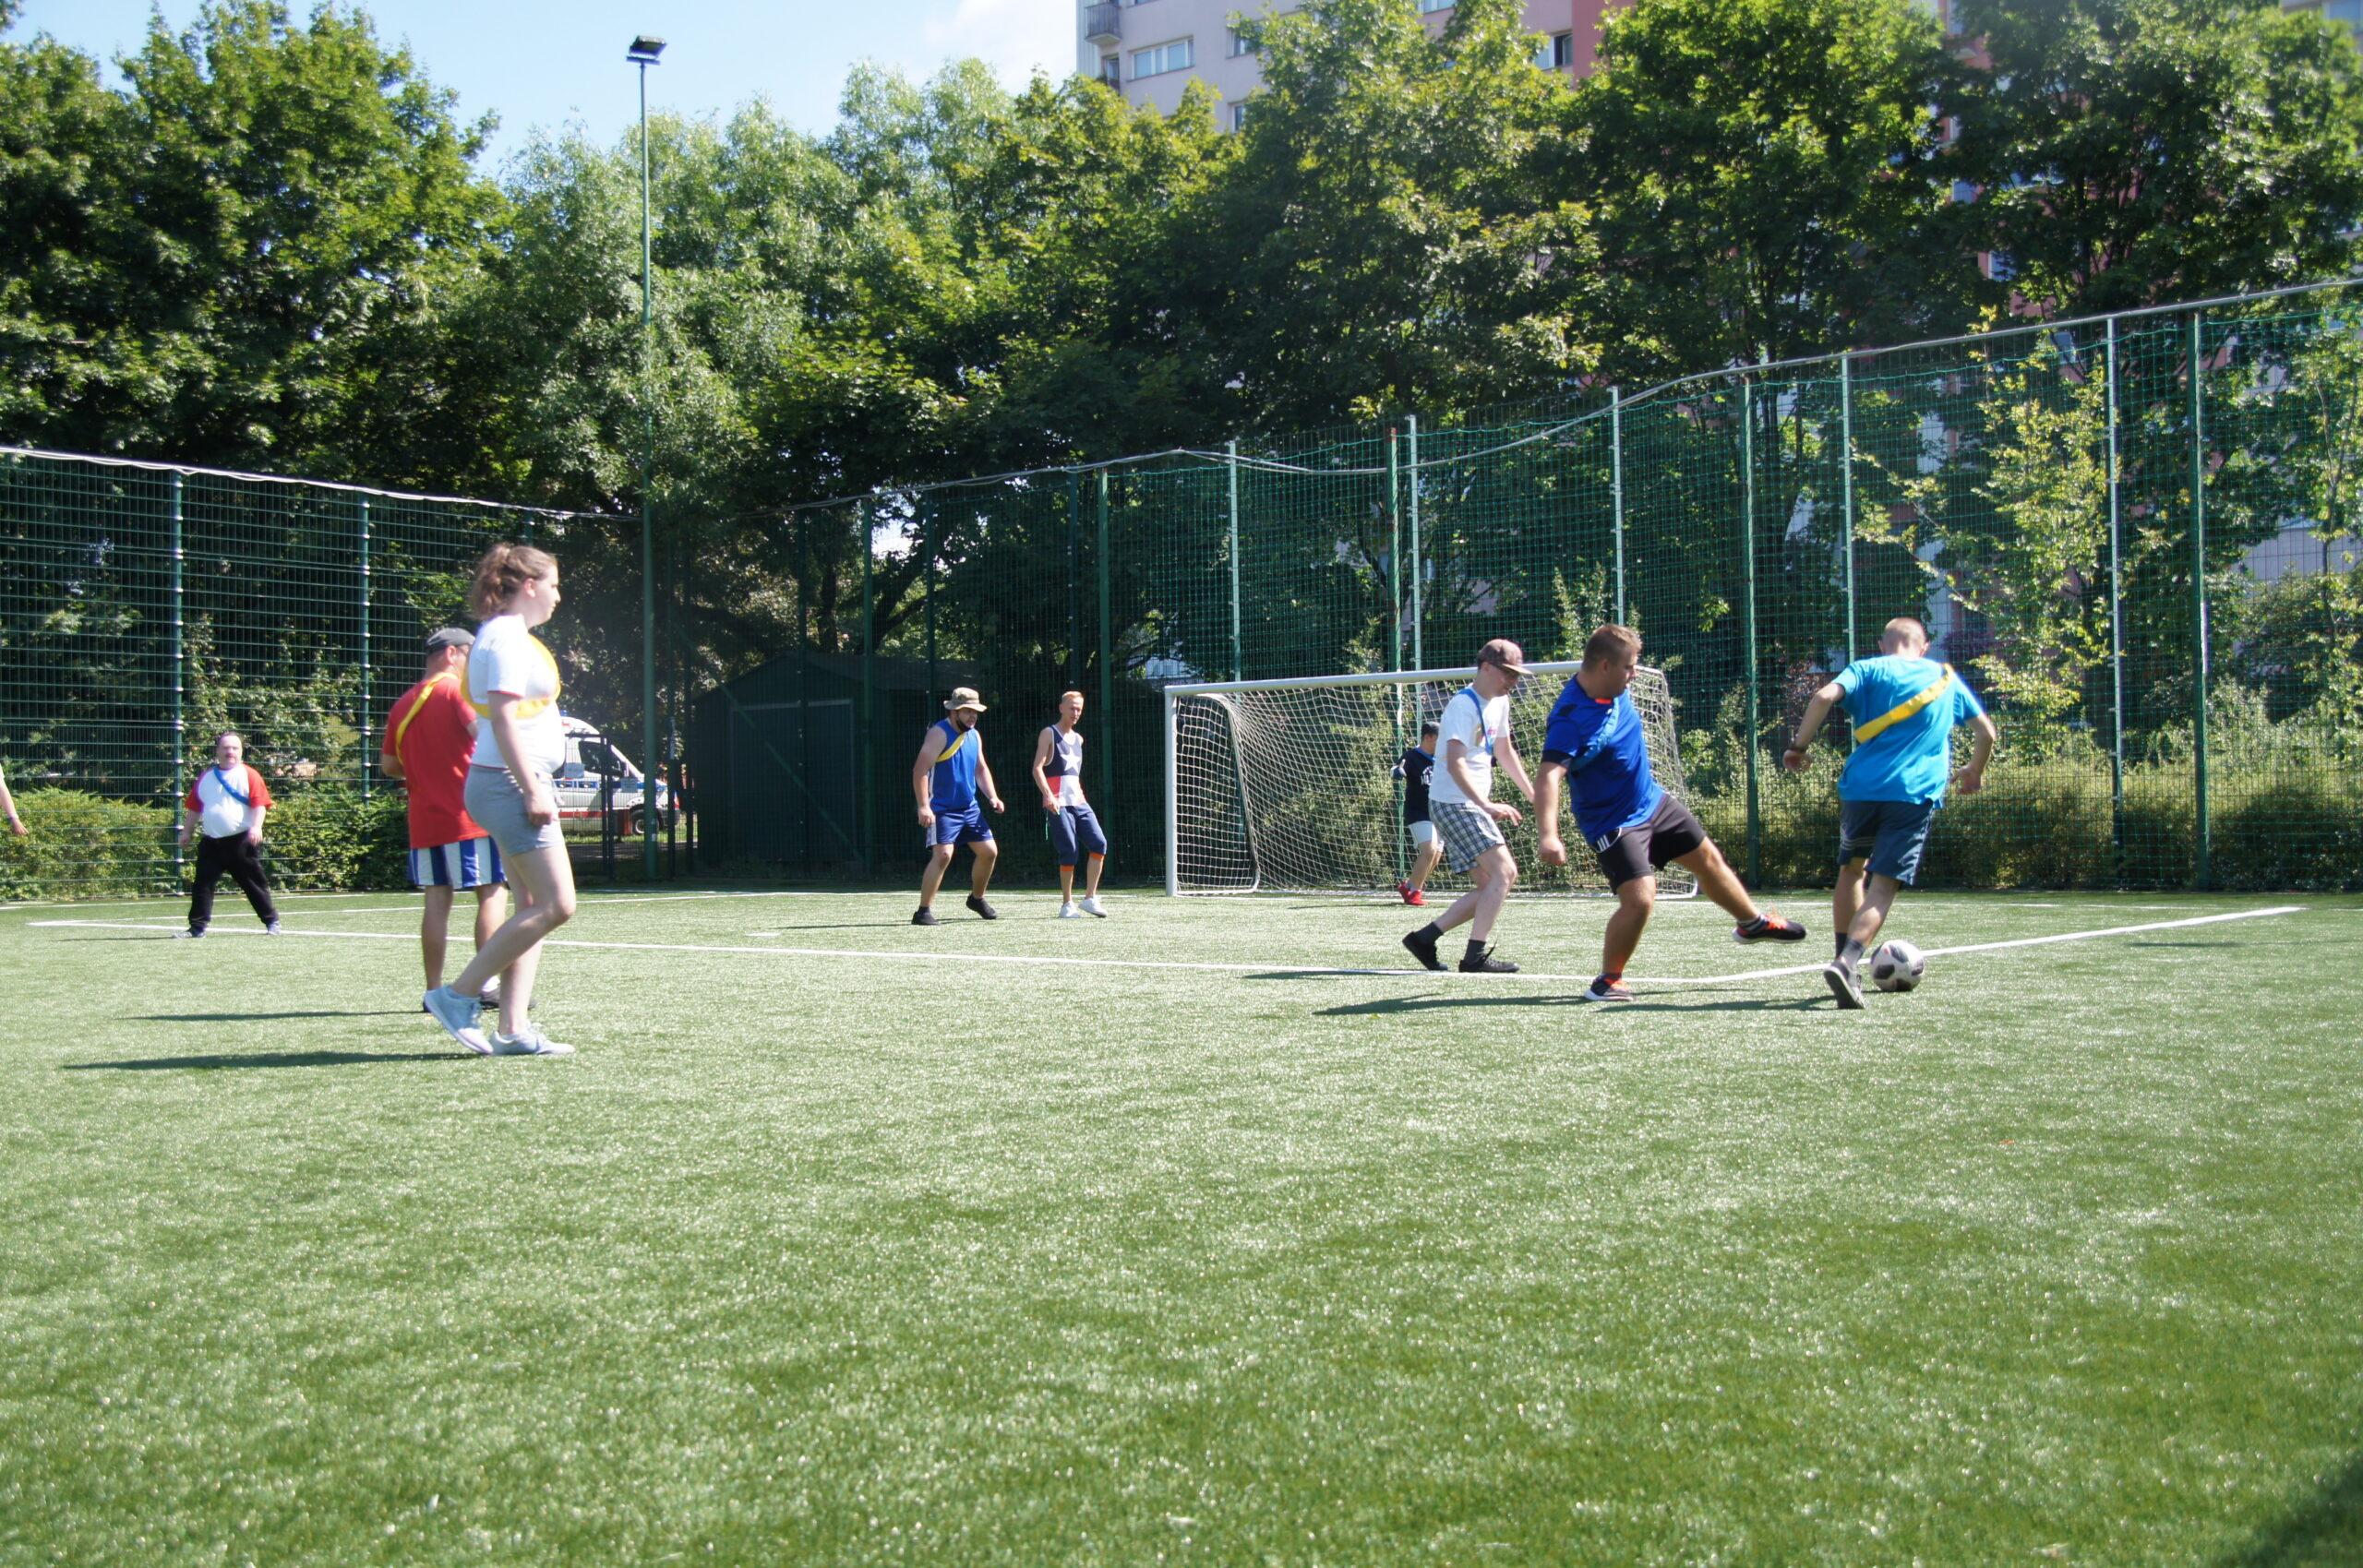 Grupa zawodników grająca w piłkę nożnej na zielonej murawie.